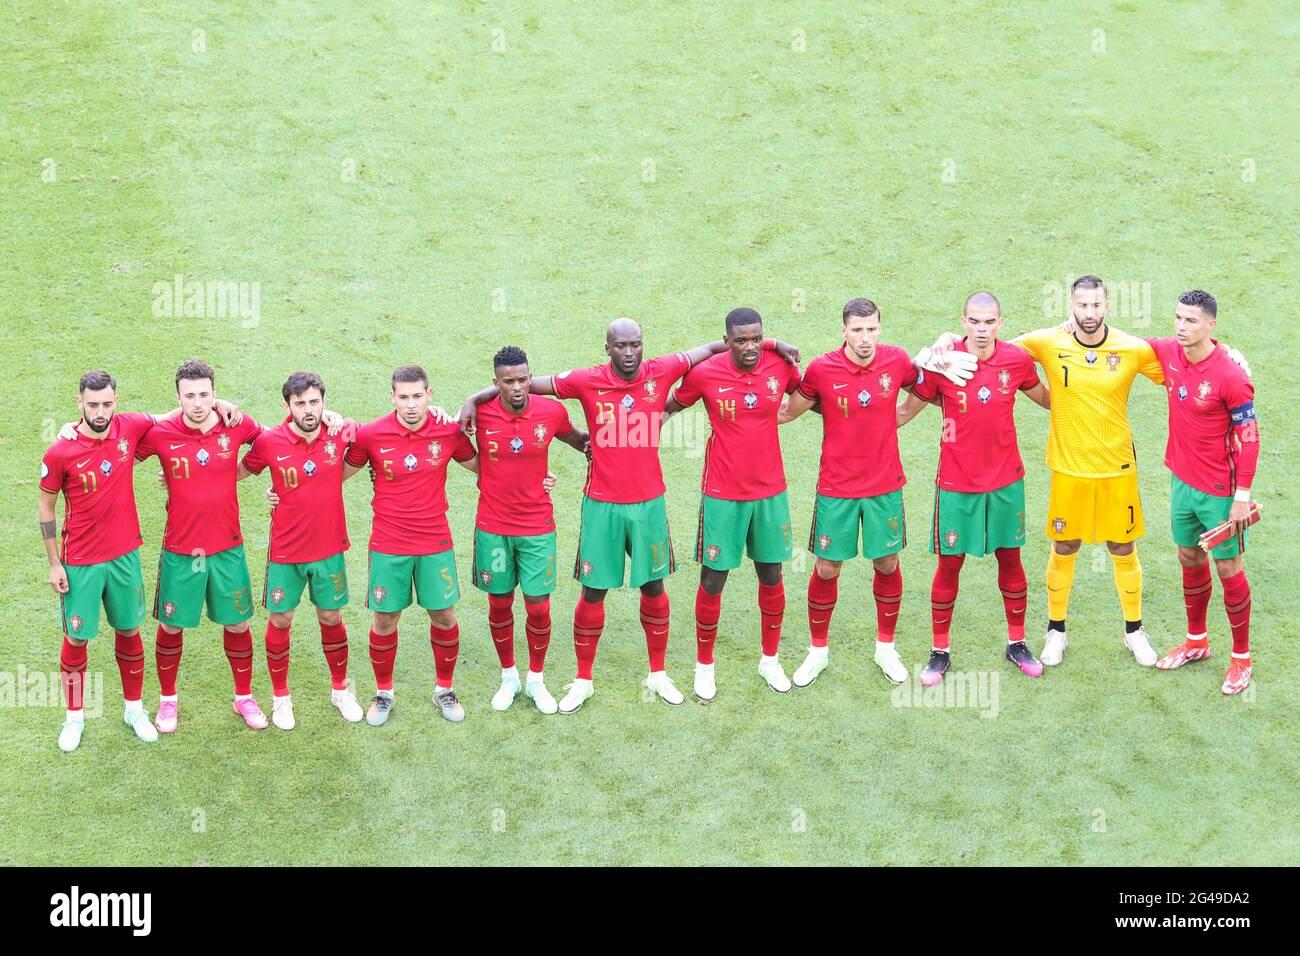 Munich, Alemania. 19th de junio de 2021. Los jugadores de Portugal se alinean durante la ceremonia nacional del himno antes del partido del Campeonato de la UEFA EURO 2020 del Grupo F entre Portugal y Alemania en Munich, Alemania, el 19 de junio de 2021. Crédito: Shan Yuqi/Xinhua/Alamy Live News Foto de stock